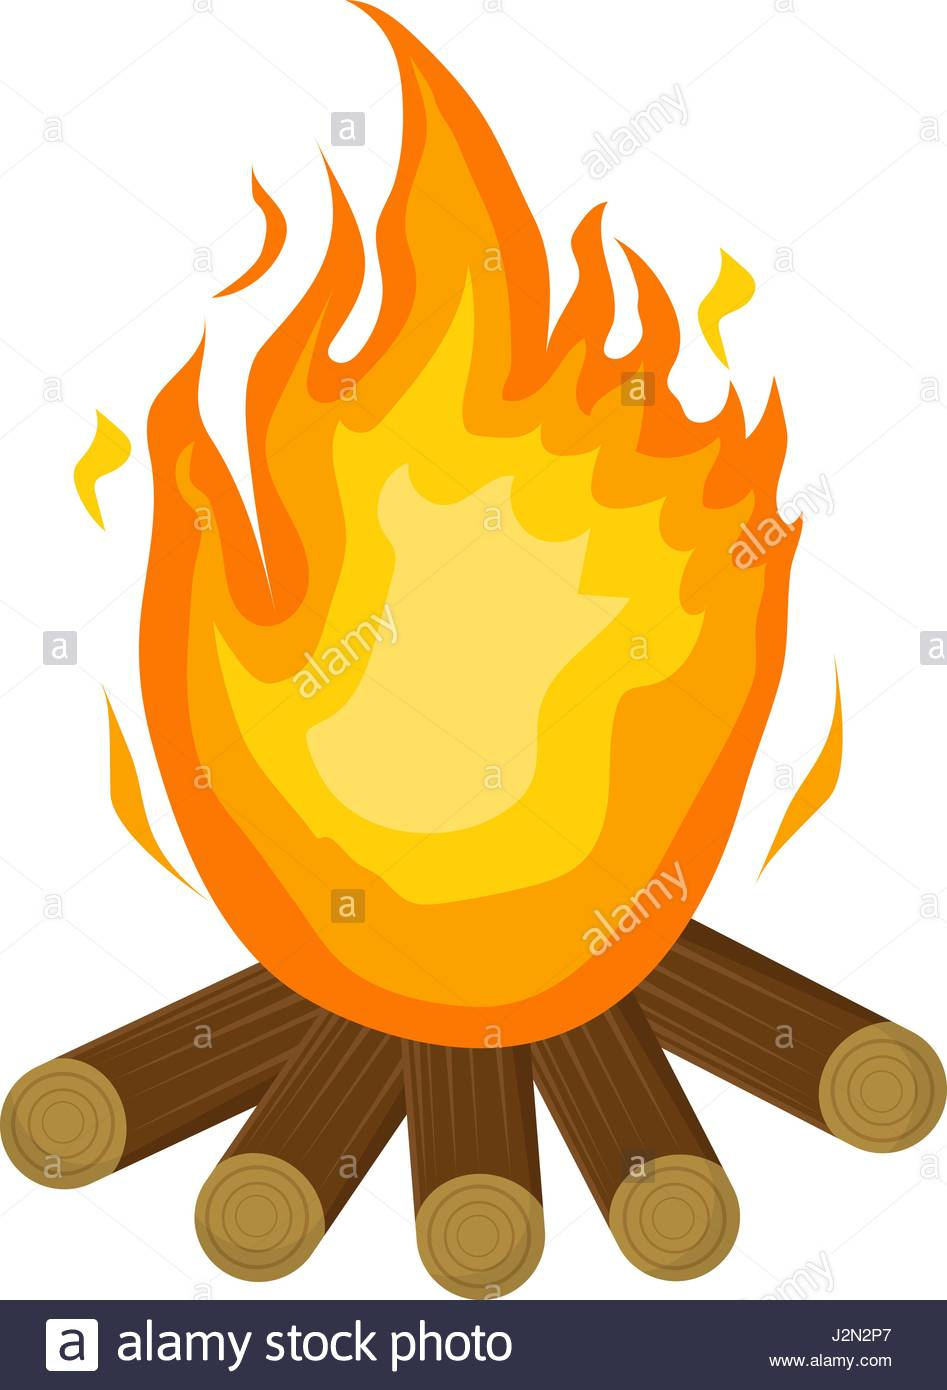 947x1390 Fire Flames Clip Art Stock Photos Amp Fire Flames Clip Art Stock